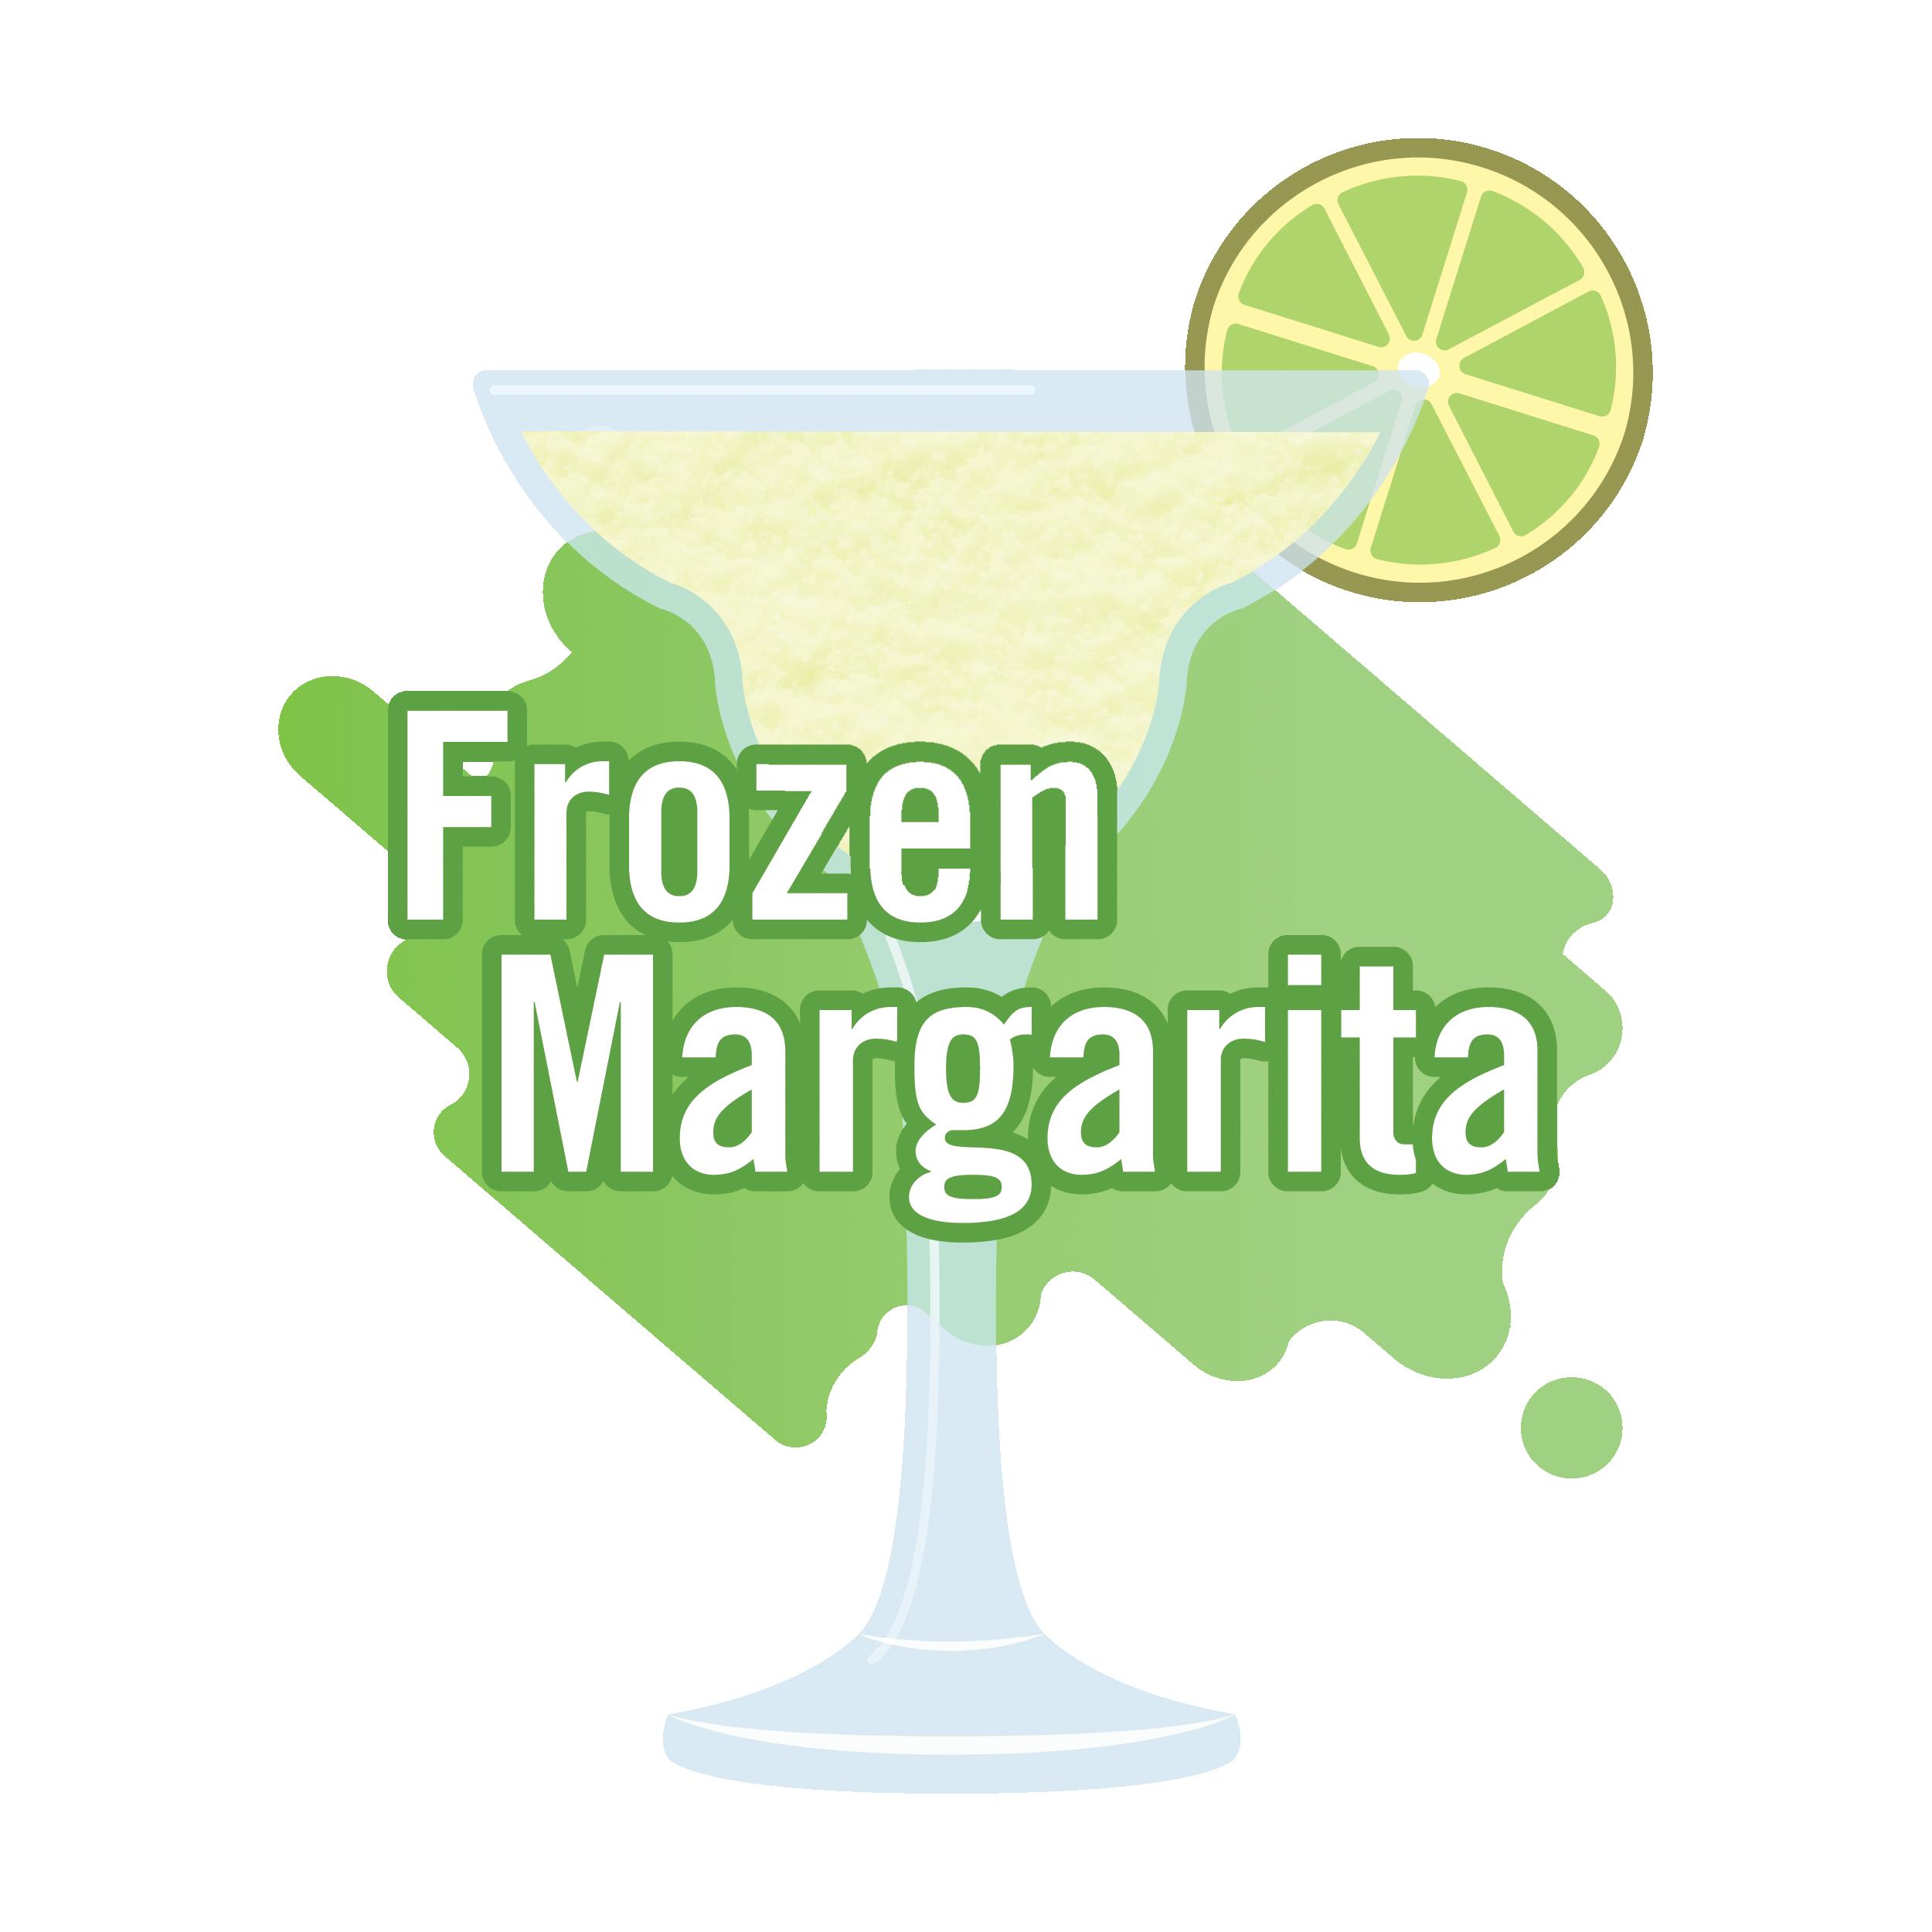 FrozenMargarita_GenericGraphic